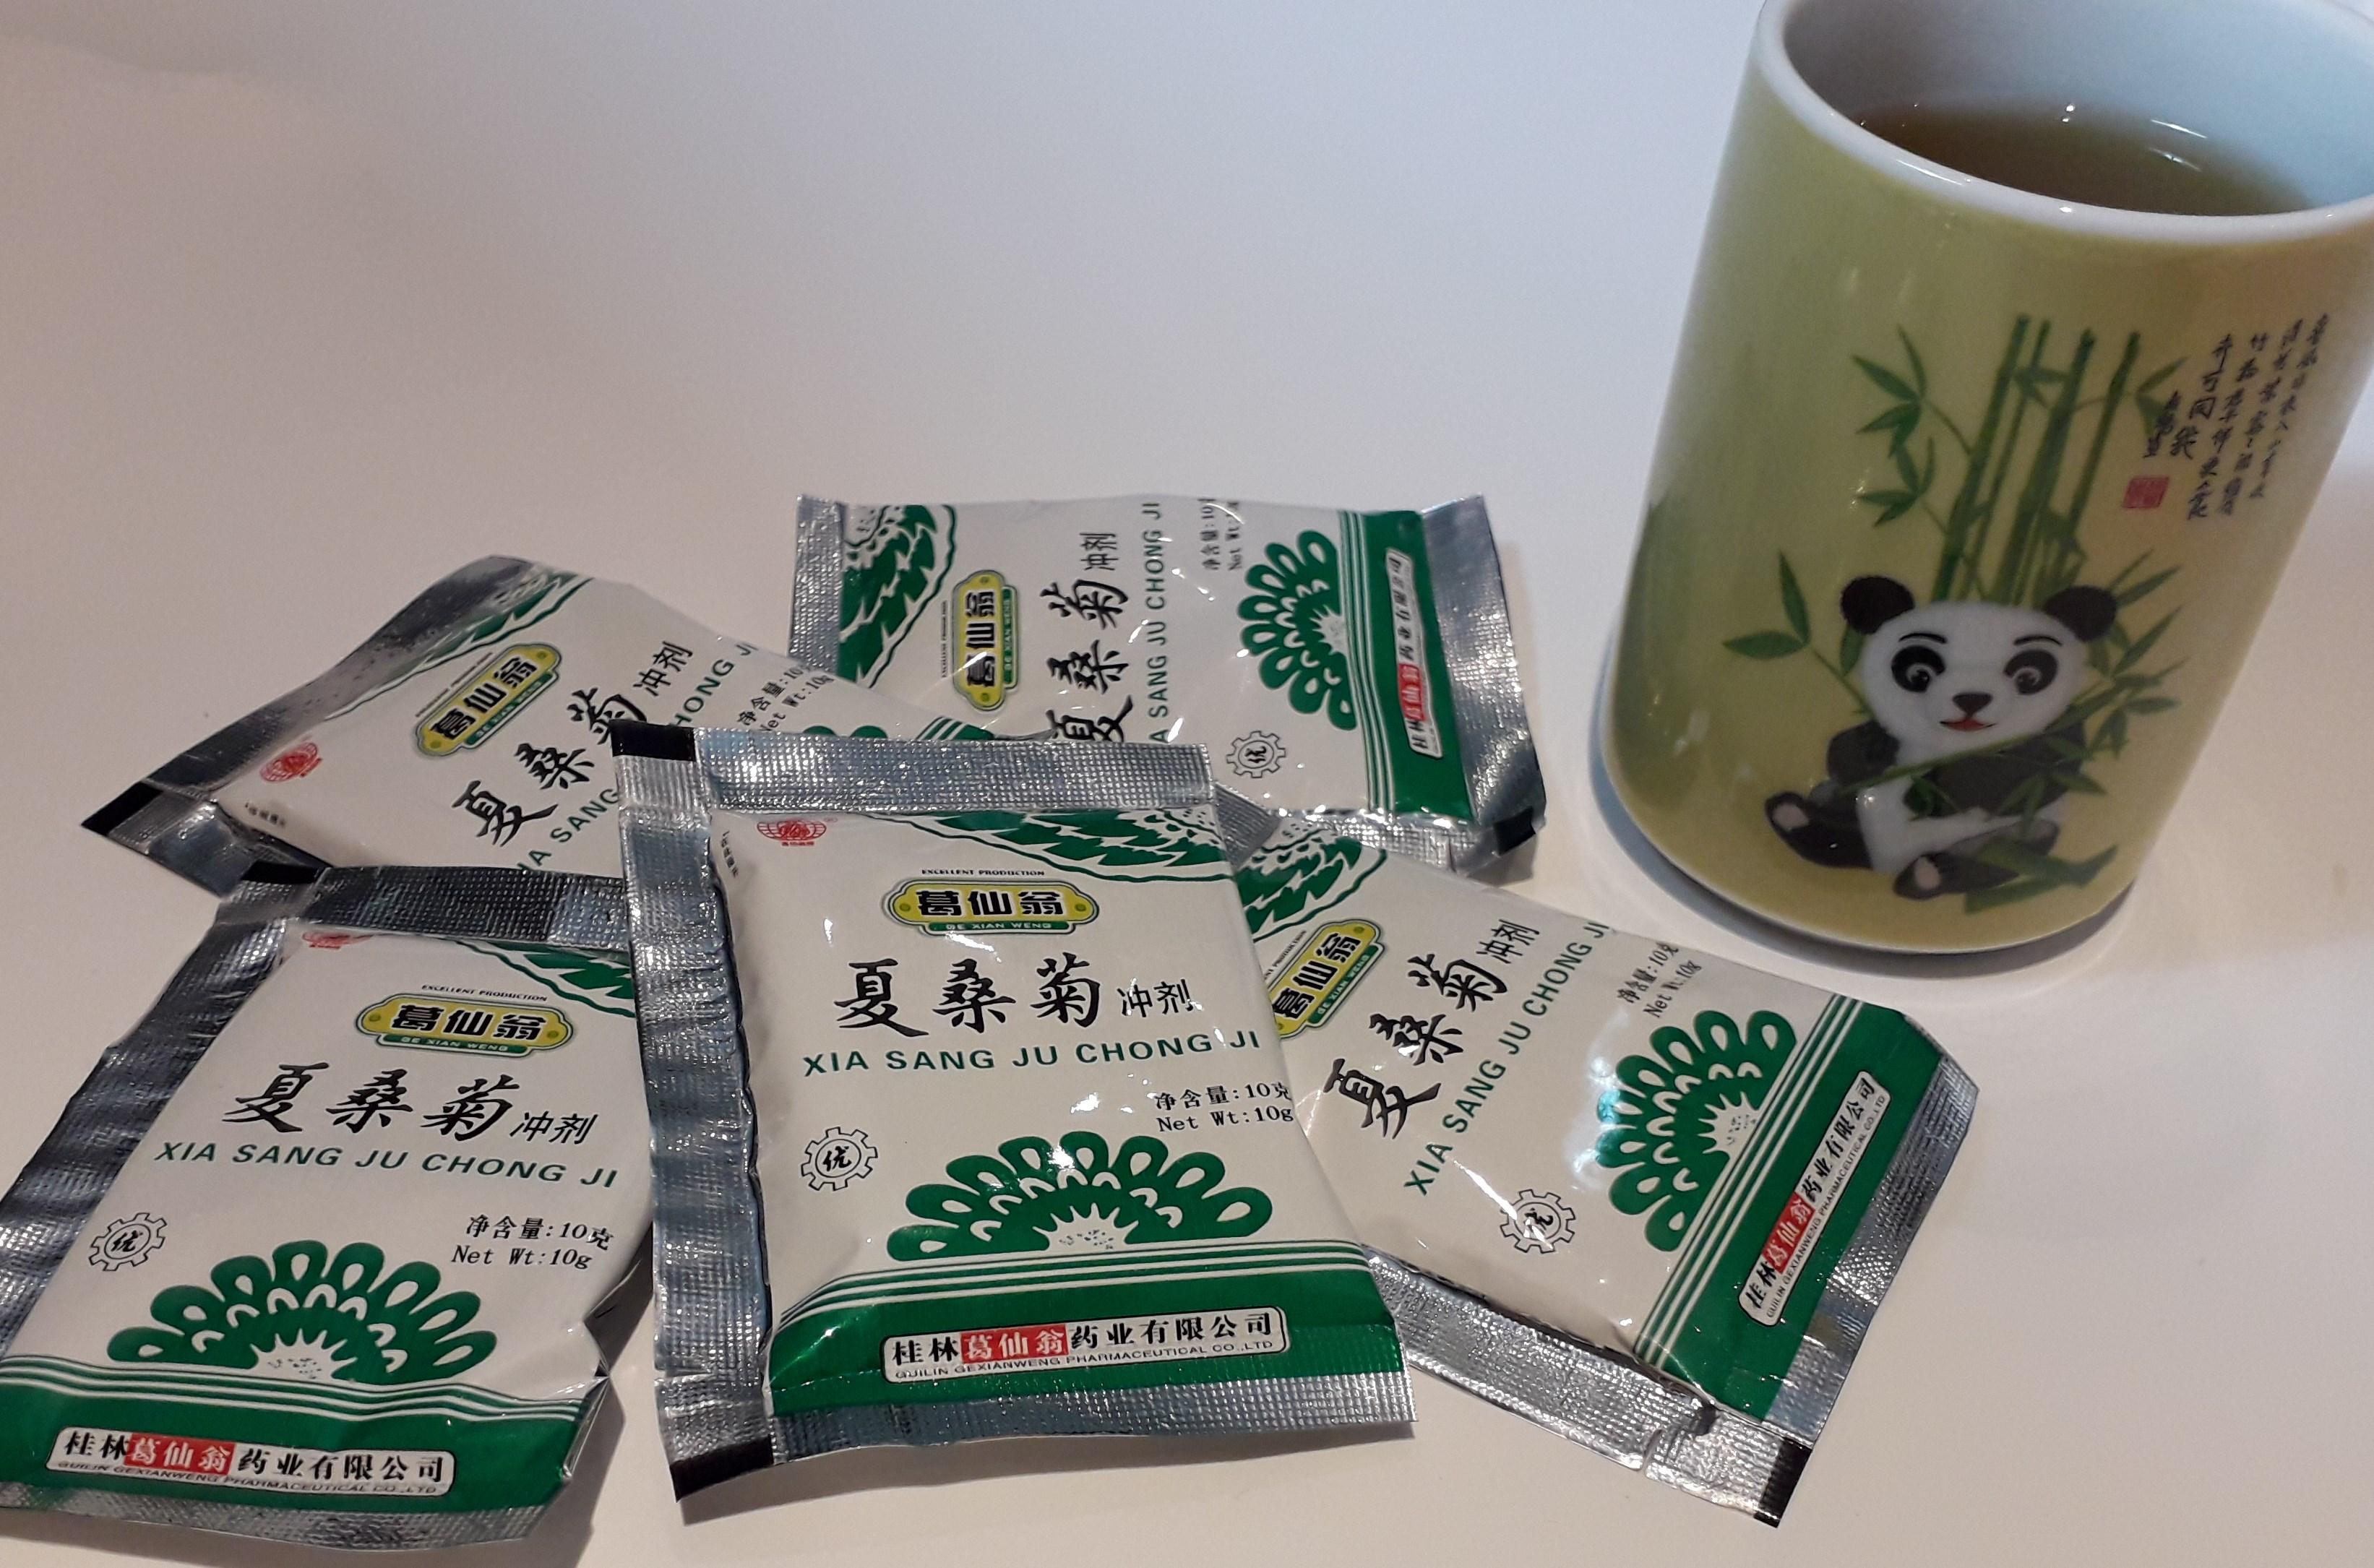 Xiasangju chong ji - Chinese antivirale thee